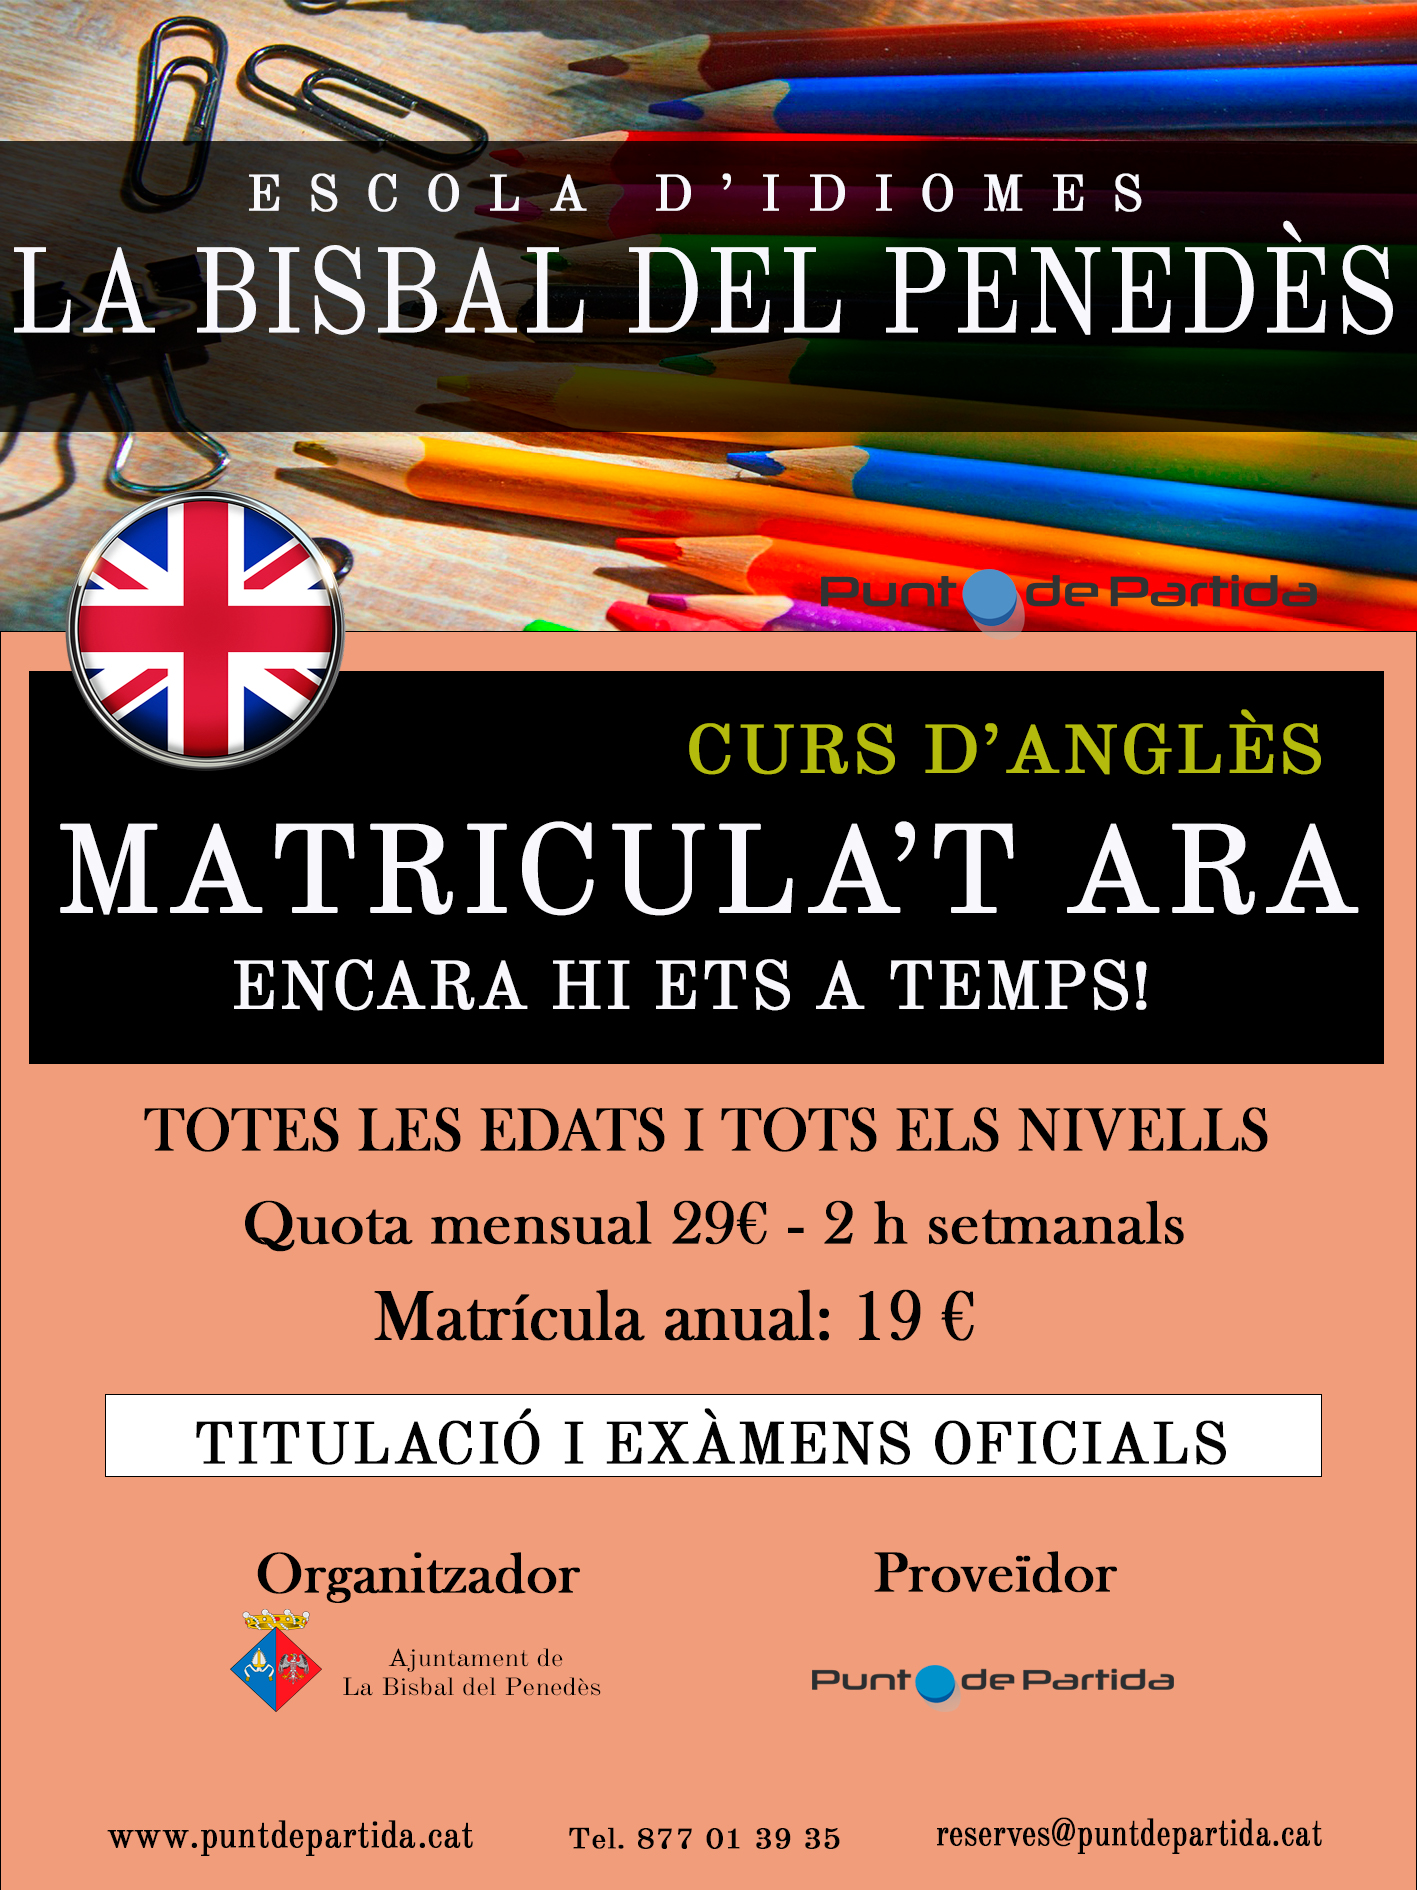 Vols aprendre anglès? Apunta't a l'Escola d'Idiomes de la Bisbal!